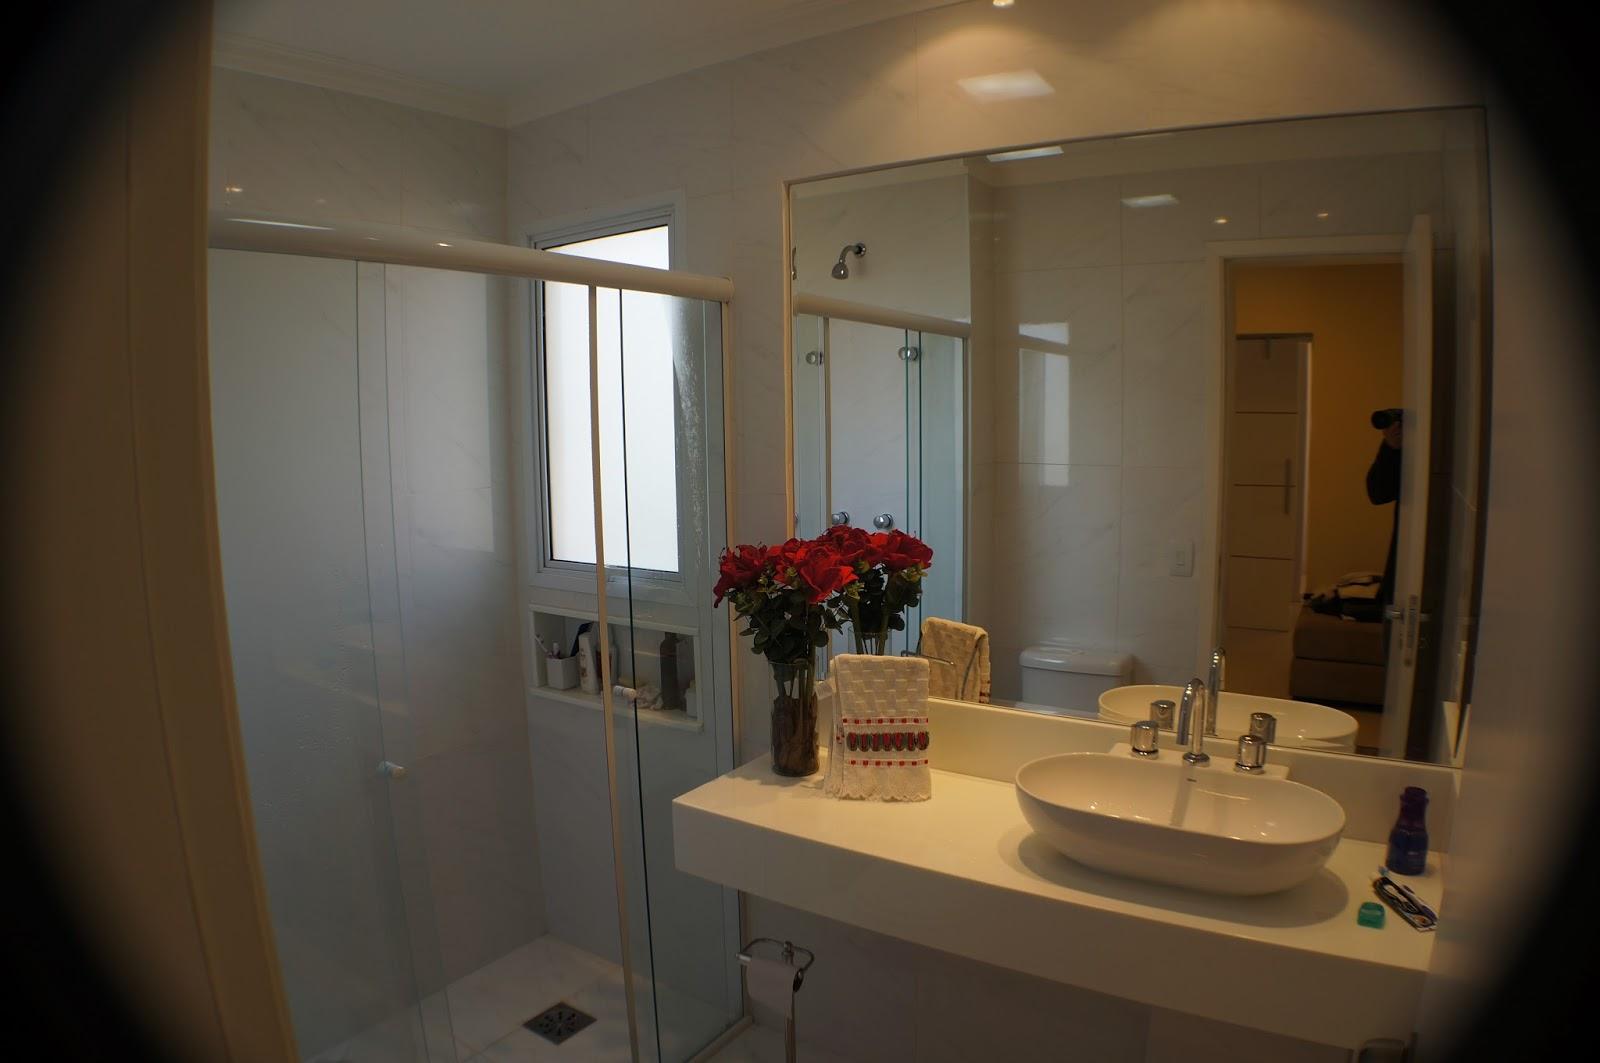 . Banheiro com bancada em marmoglass cuba de apoio e metais deca #9C742F 1600x1063 Bancada Banheiro Marmoglass